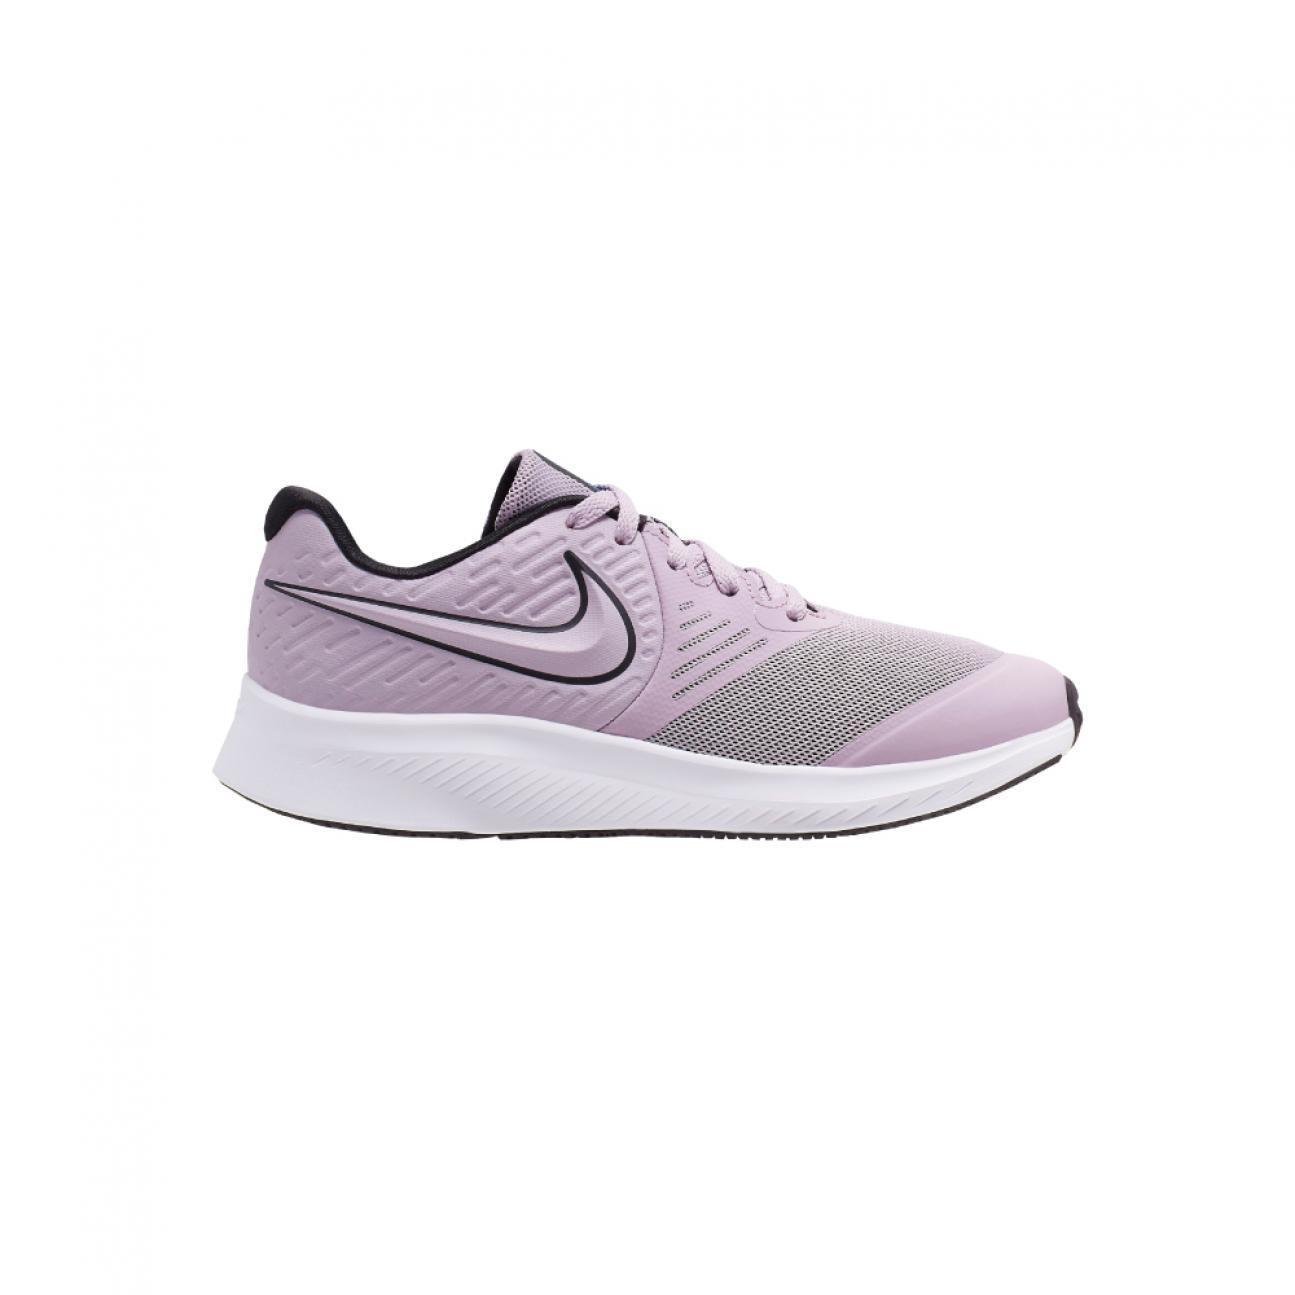 4 נעלי ריצה לנשים ונוער נייקי - NIKE, דגם Star Runner 2 GS